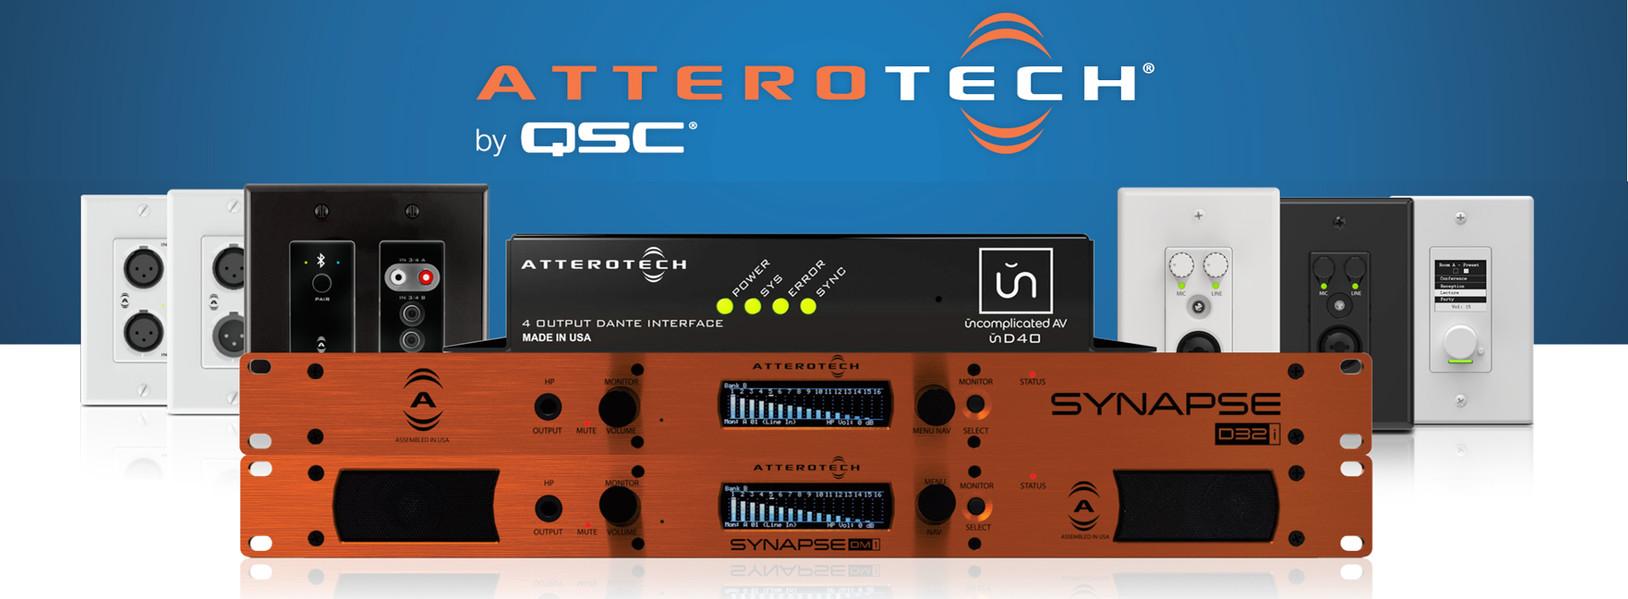 Attero Tech by QSC